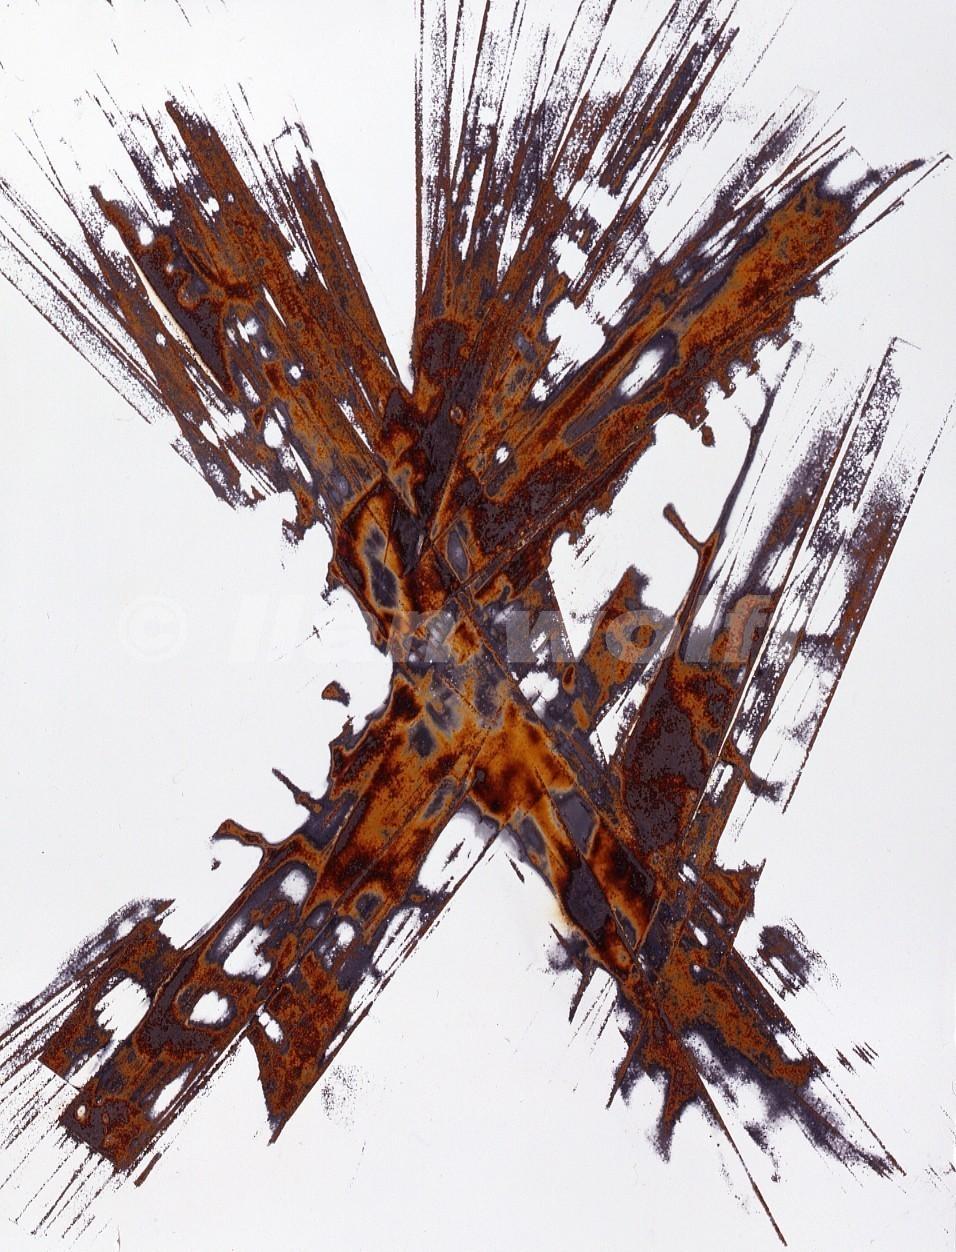 Fire-no-19-2001-50x70cm